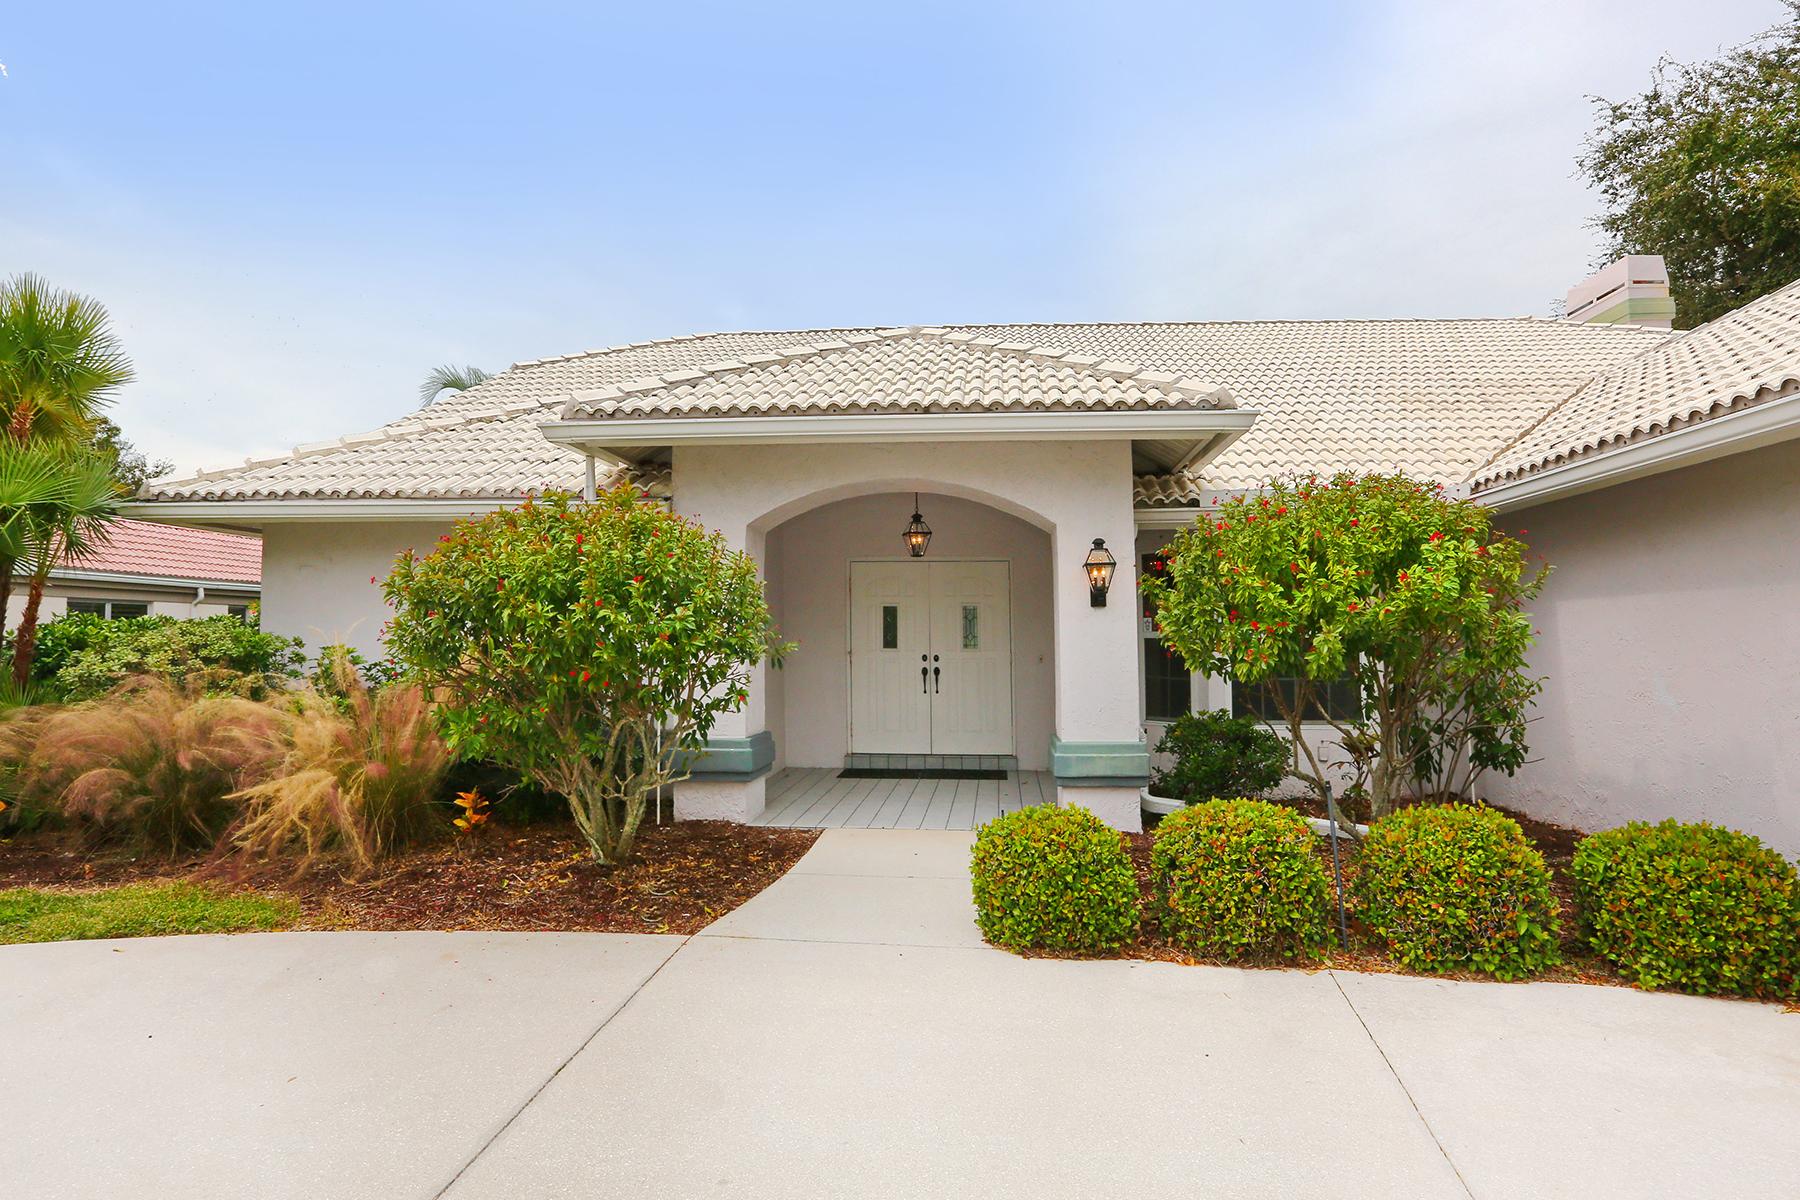 Maison unifamiliale pour l Vente à SOUTHBAY YACHT & RACQUET CLUB 1450 Landview Ln Osprey, Florida 34229 États-Unis